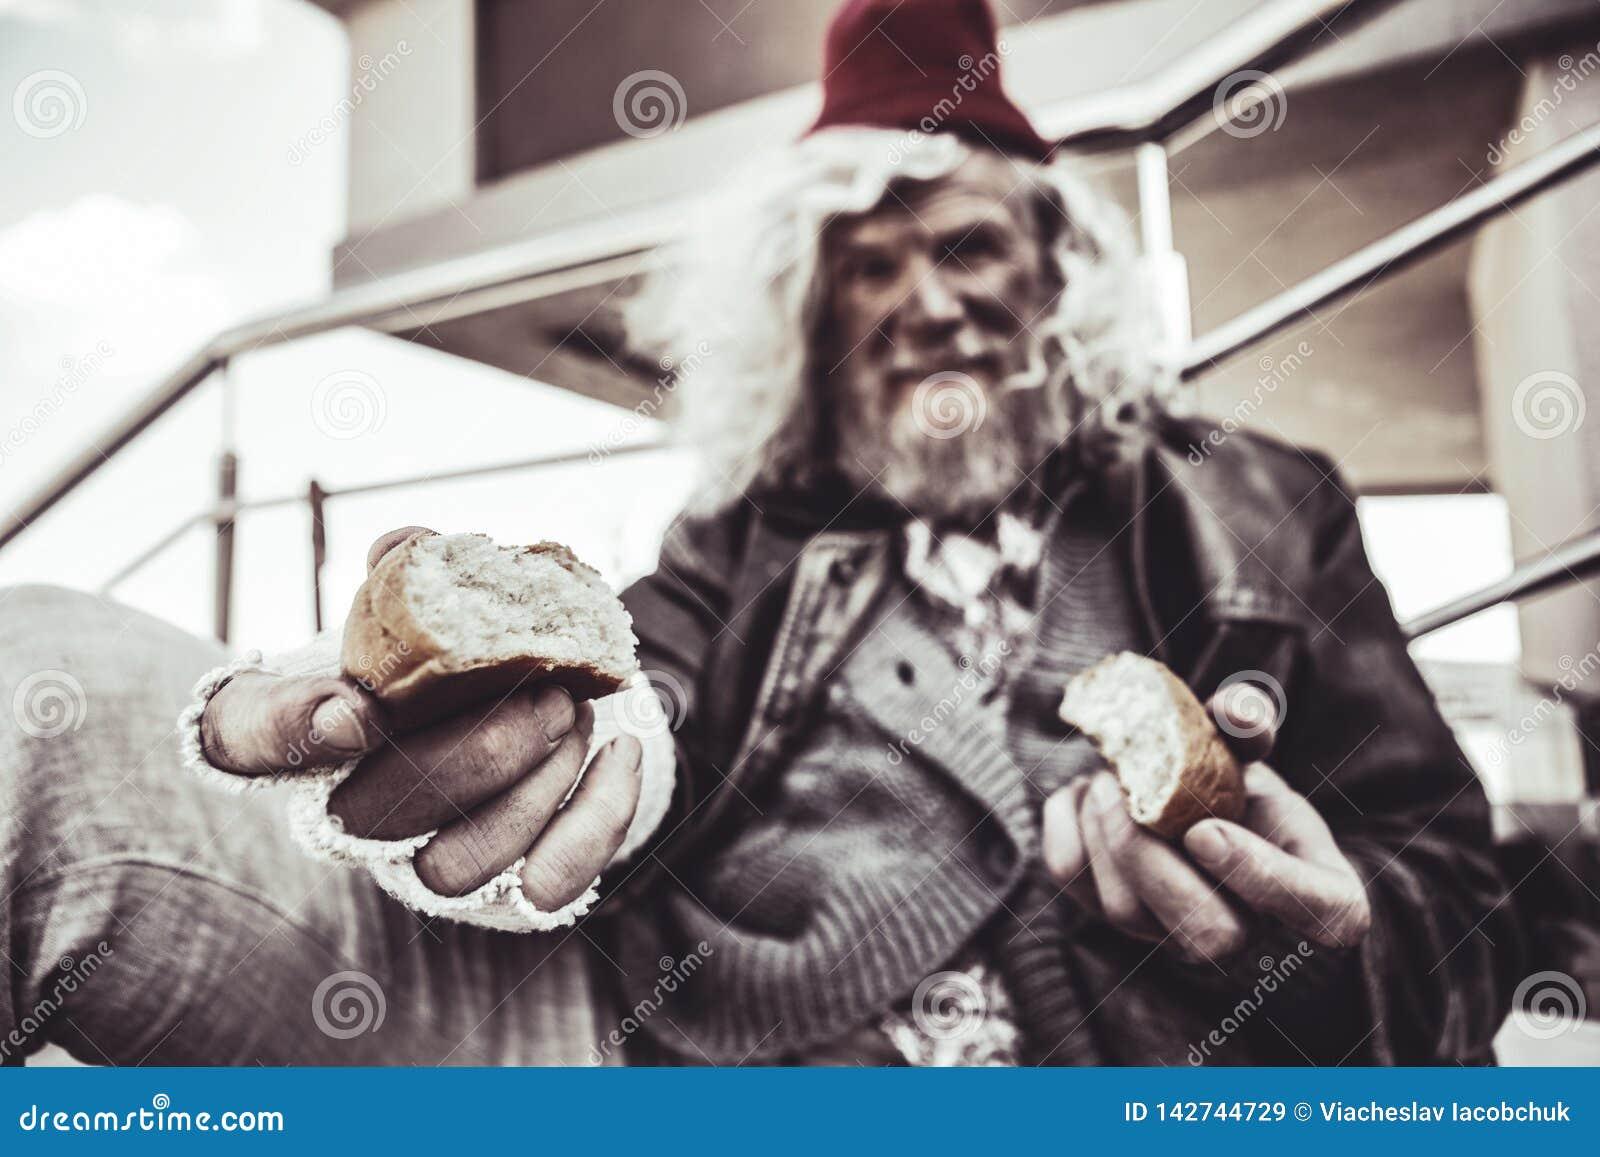 Retrato do vagabundo idoso que senta e que compartilha de seu bolo com o desconhecido